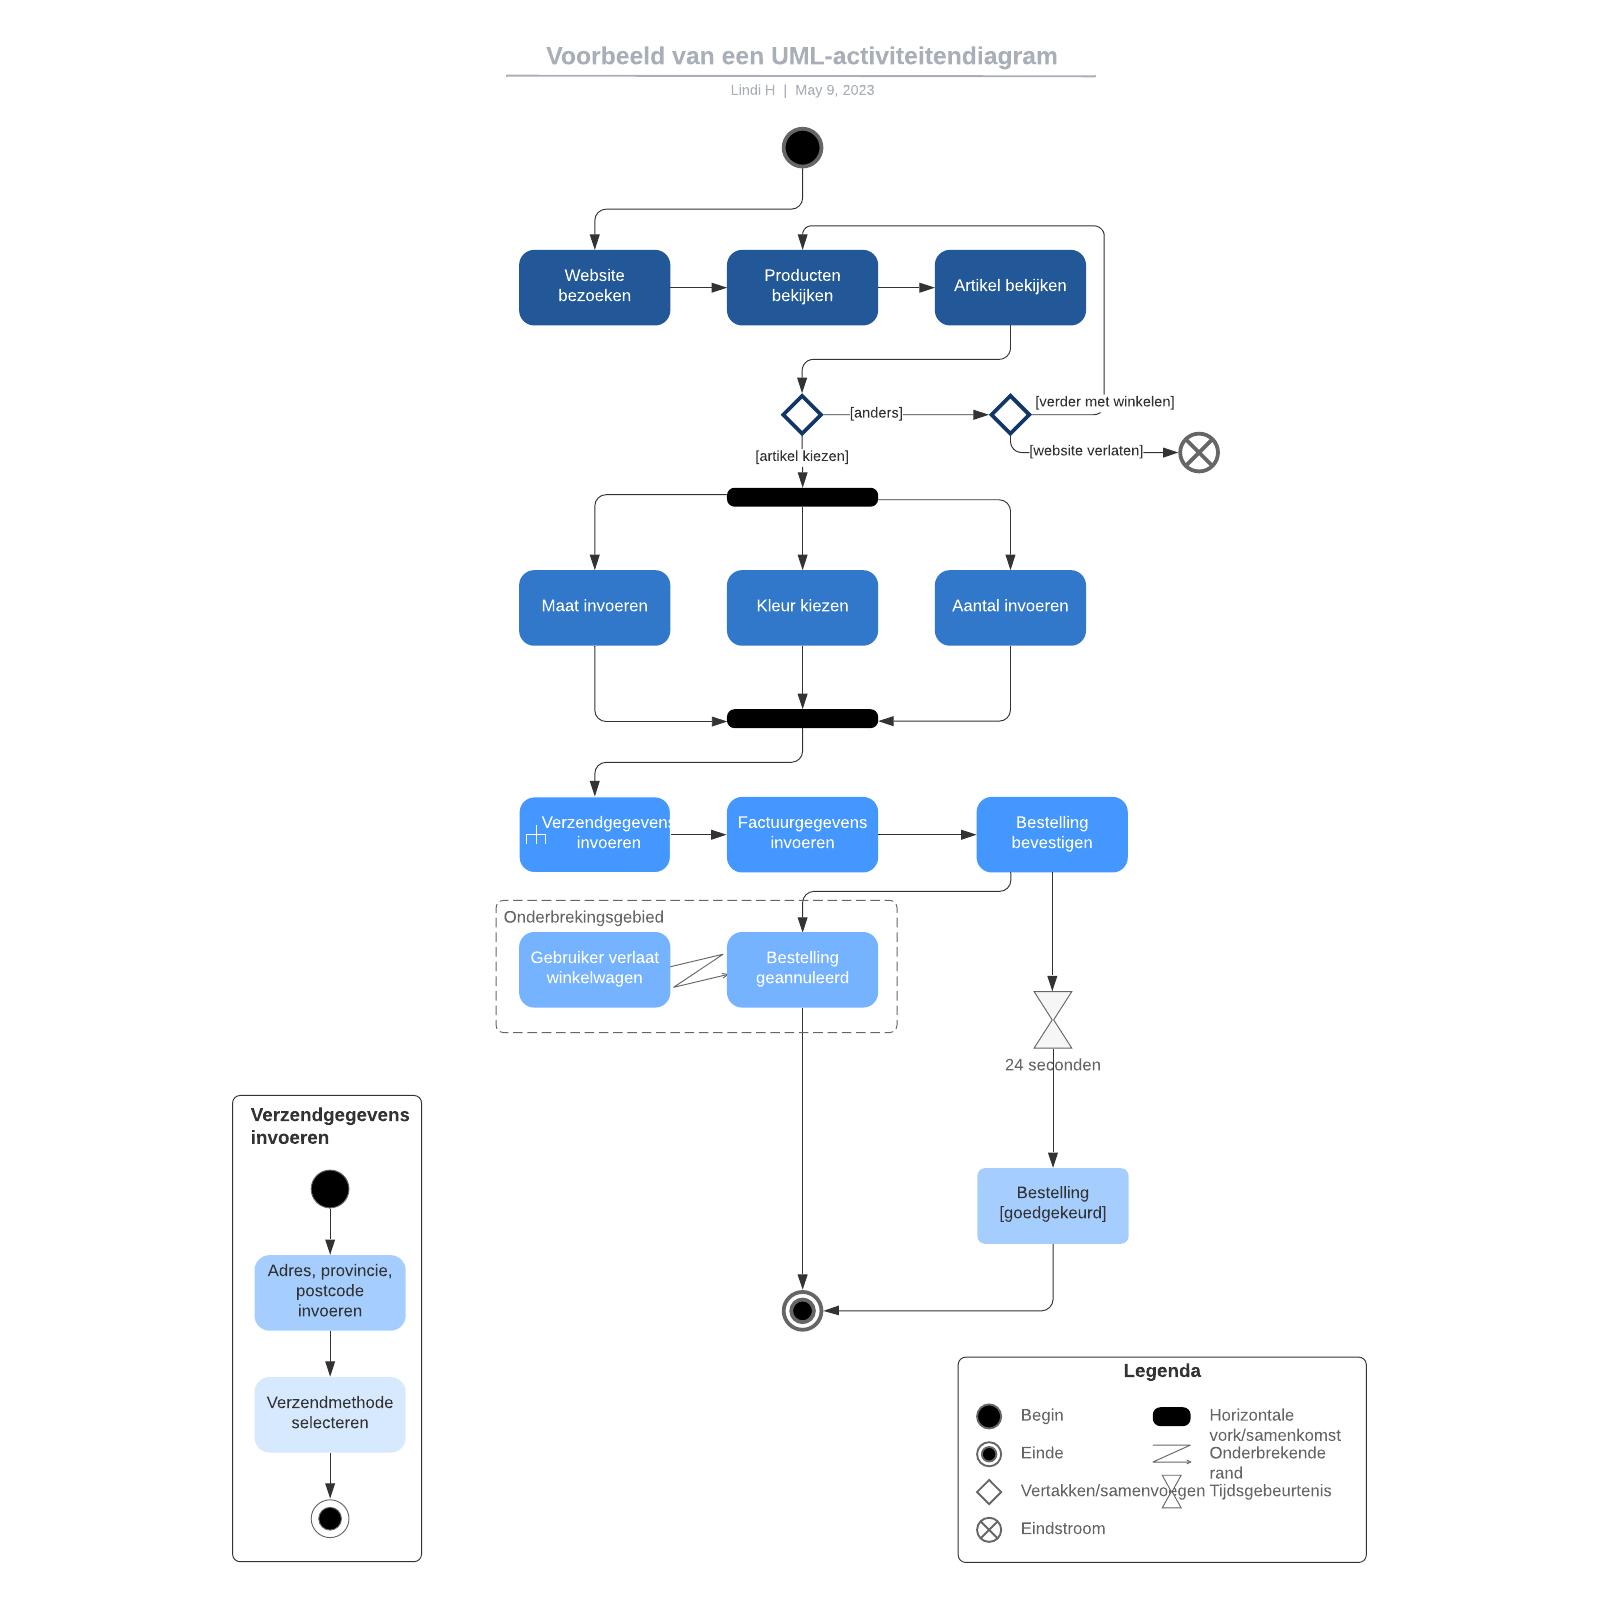 Voorbeeld van een UML-activiteitendiagram